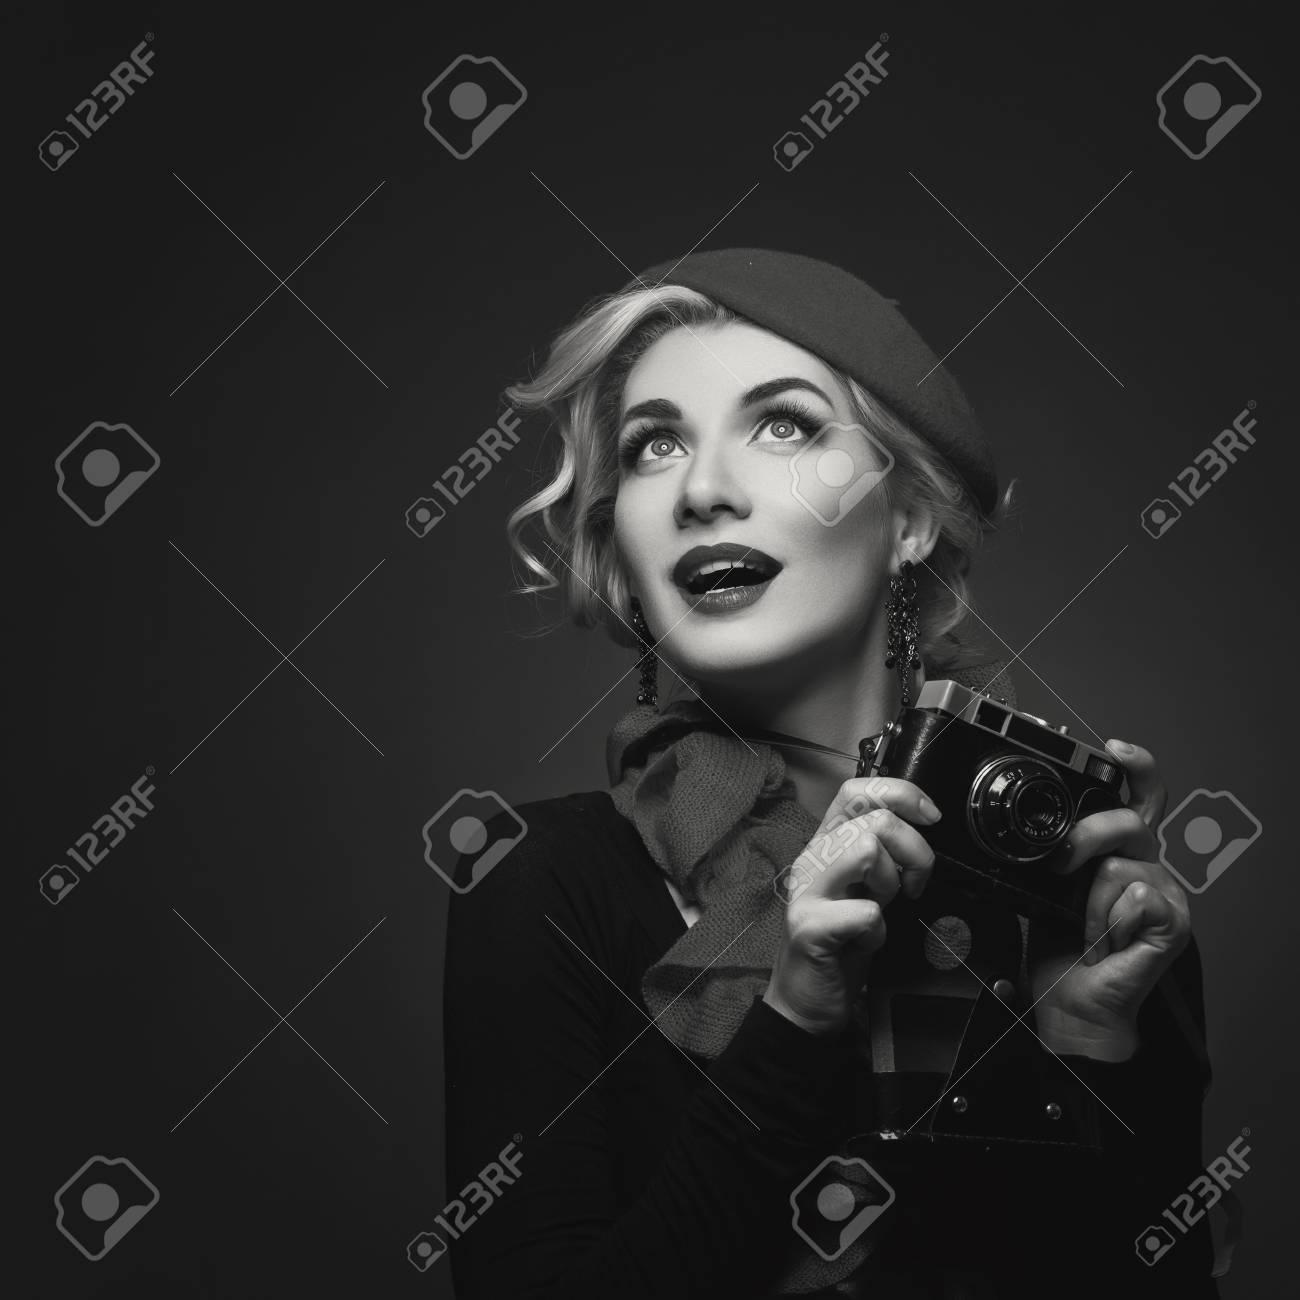 f09a96b665da 60246678-giovane-e-bella-donna-in-berretto-rosso -in-possesso-di-macchina-fotografica-retrò-espressione-sorpresa-.jpg